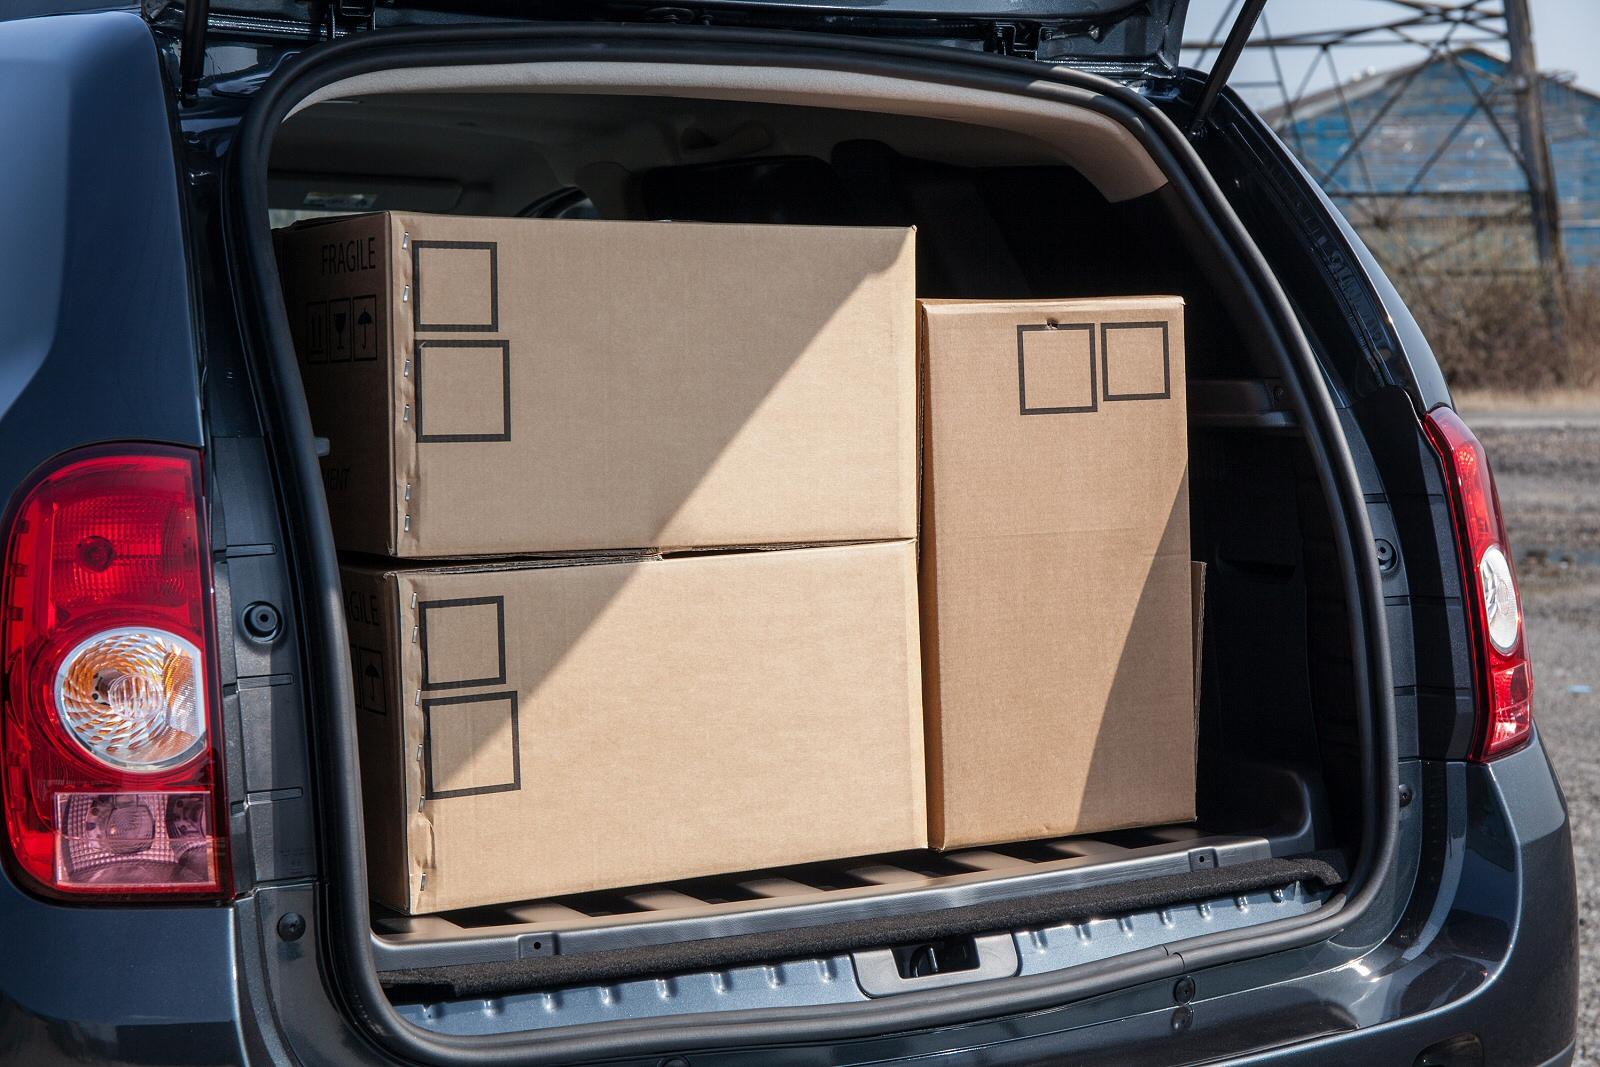 4x4 commercial vans